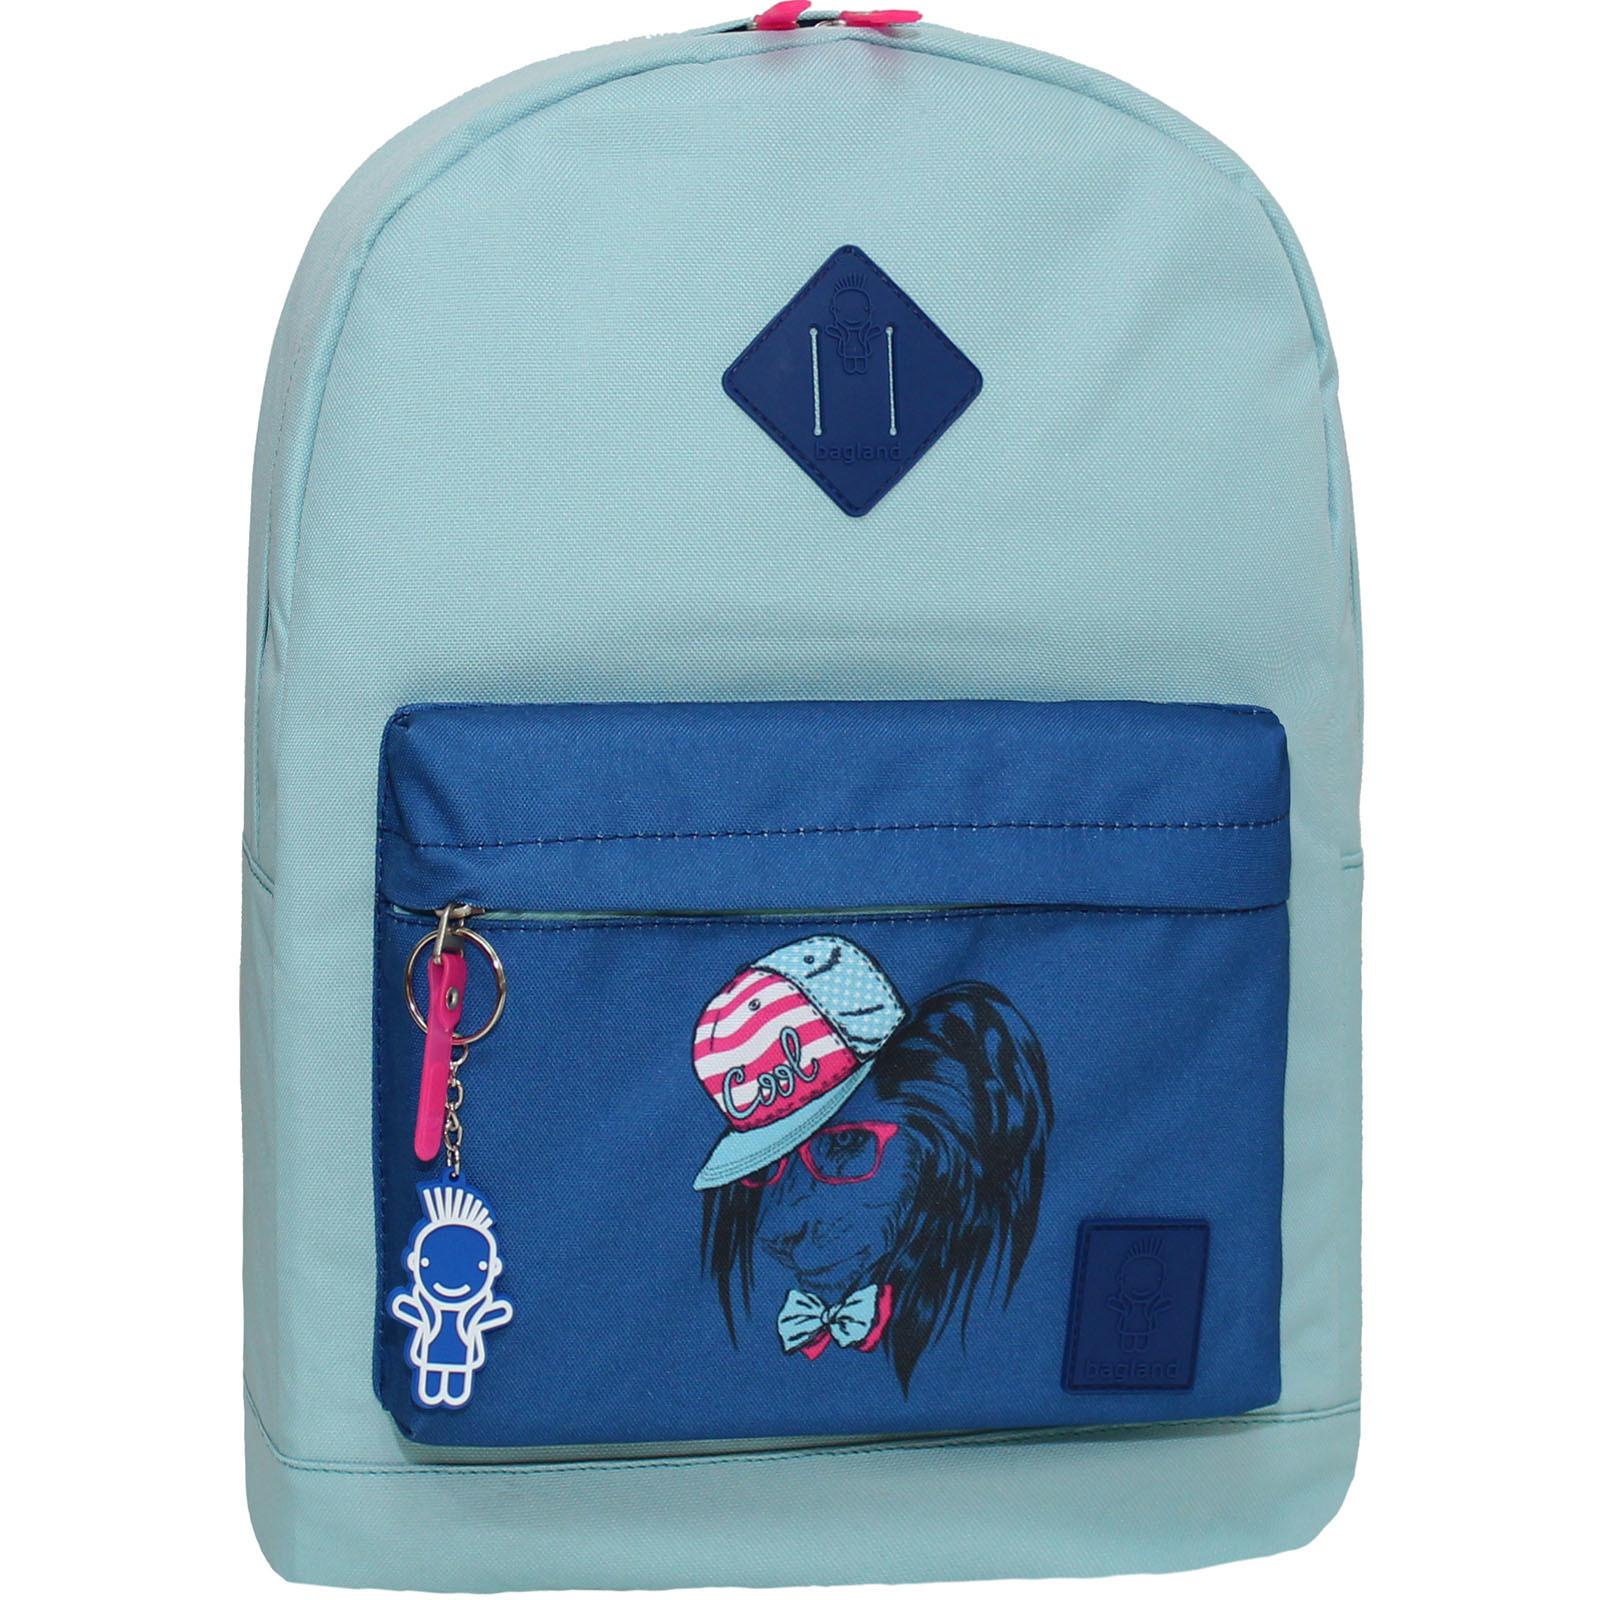 Городские рюкзаки Рюкзак Bagland Молодежный W/R 17 л. тиффани 180к (00533662) Без_имени-10_180к.jpg